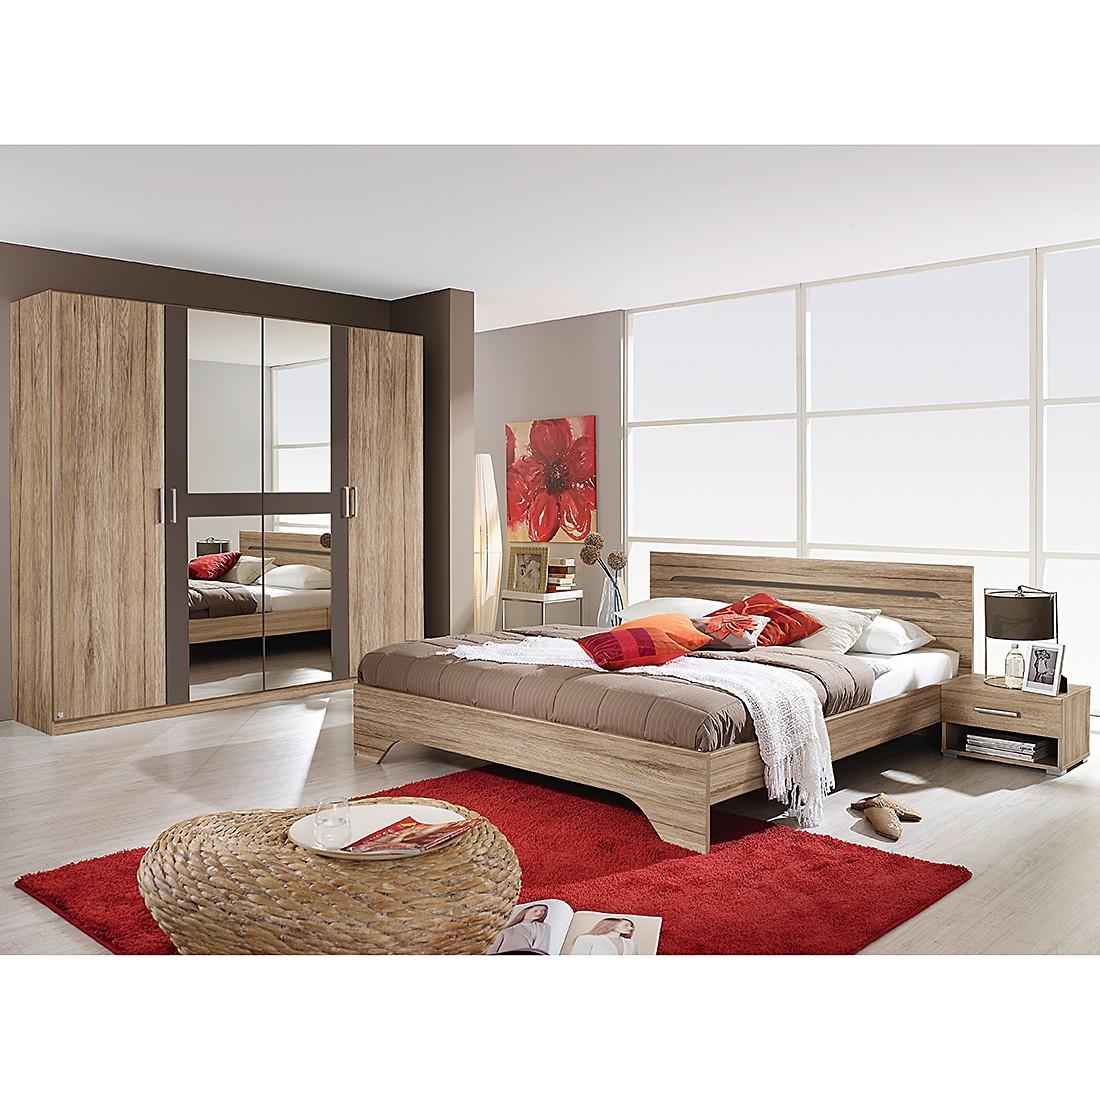 Schlafzimmerset Rubi I (4-teilig) – Sanremo Eiche Dekor/Lavagrau – Liegefläche: 180 x 200 cm, Rauch Pack´s jetzt bestellen